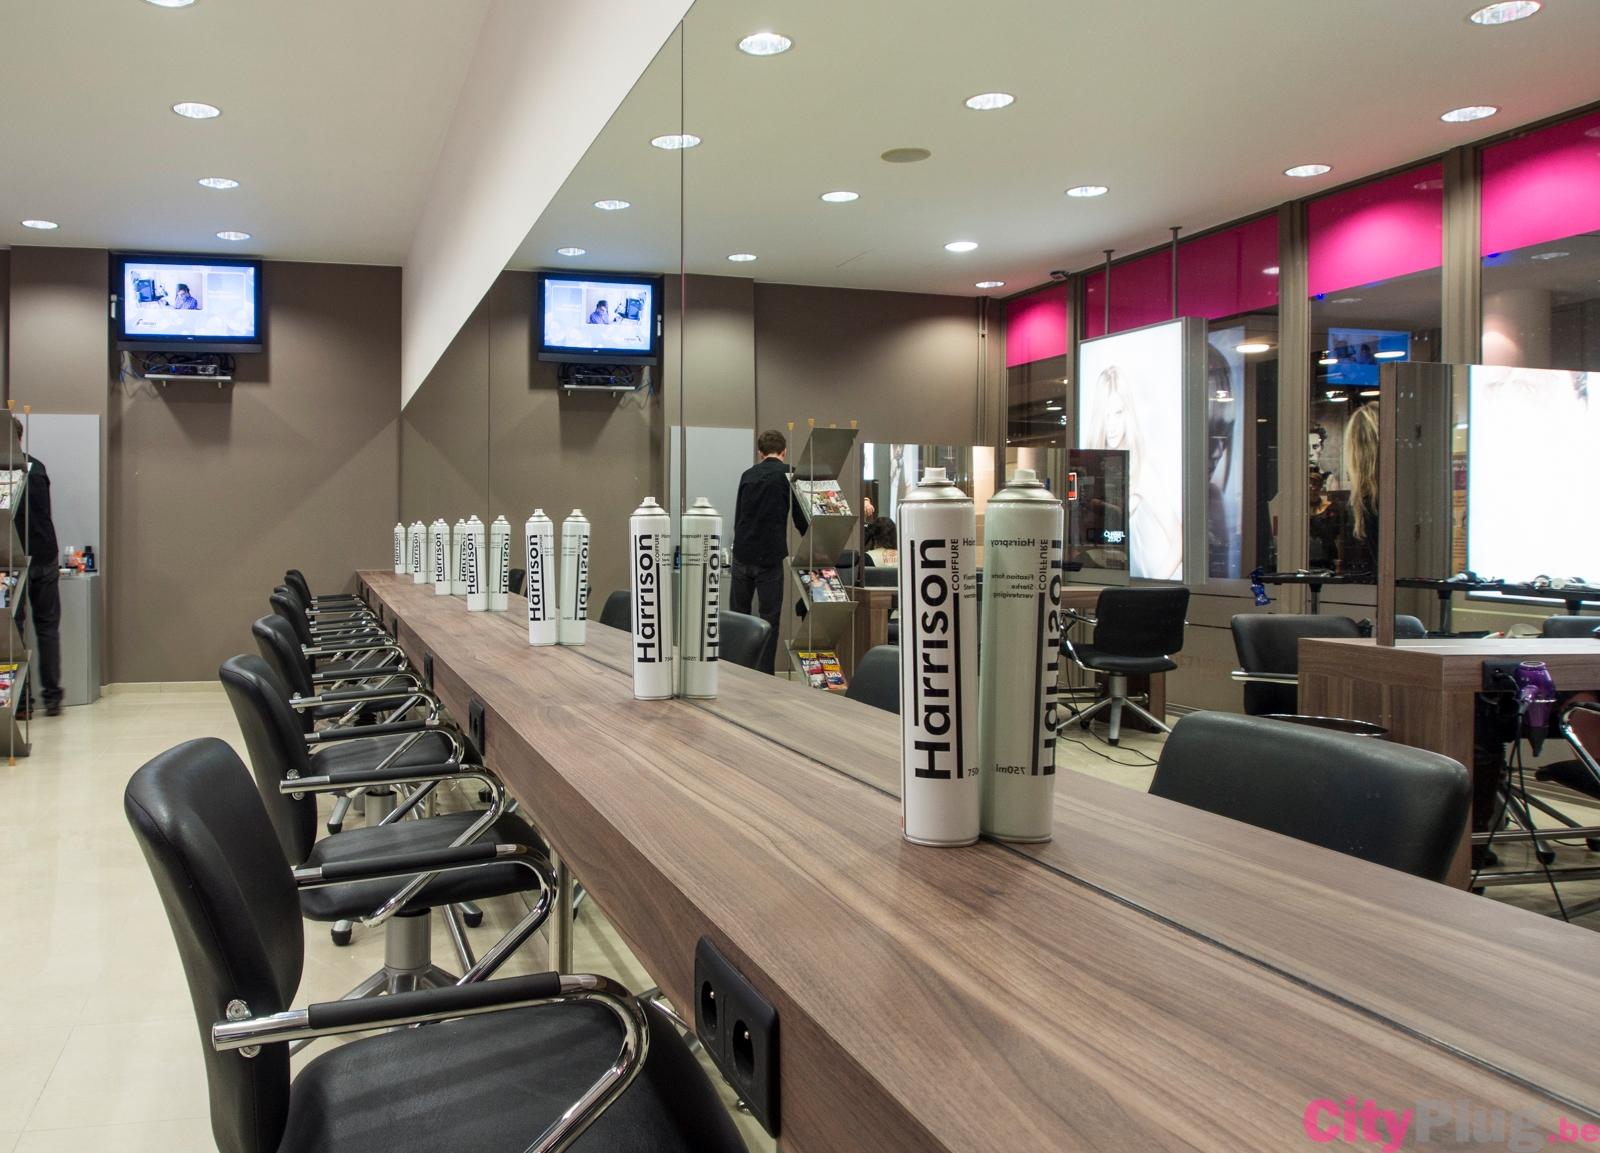 50 sur m ches et balayage l 39 achat d 39 un shampooing for Achat salon de coiffure